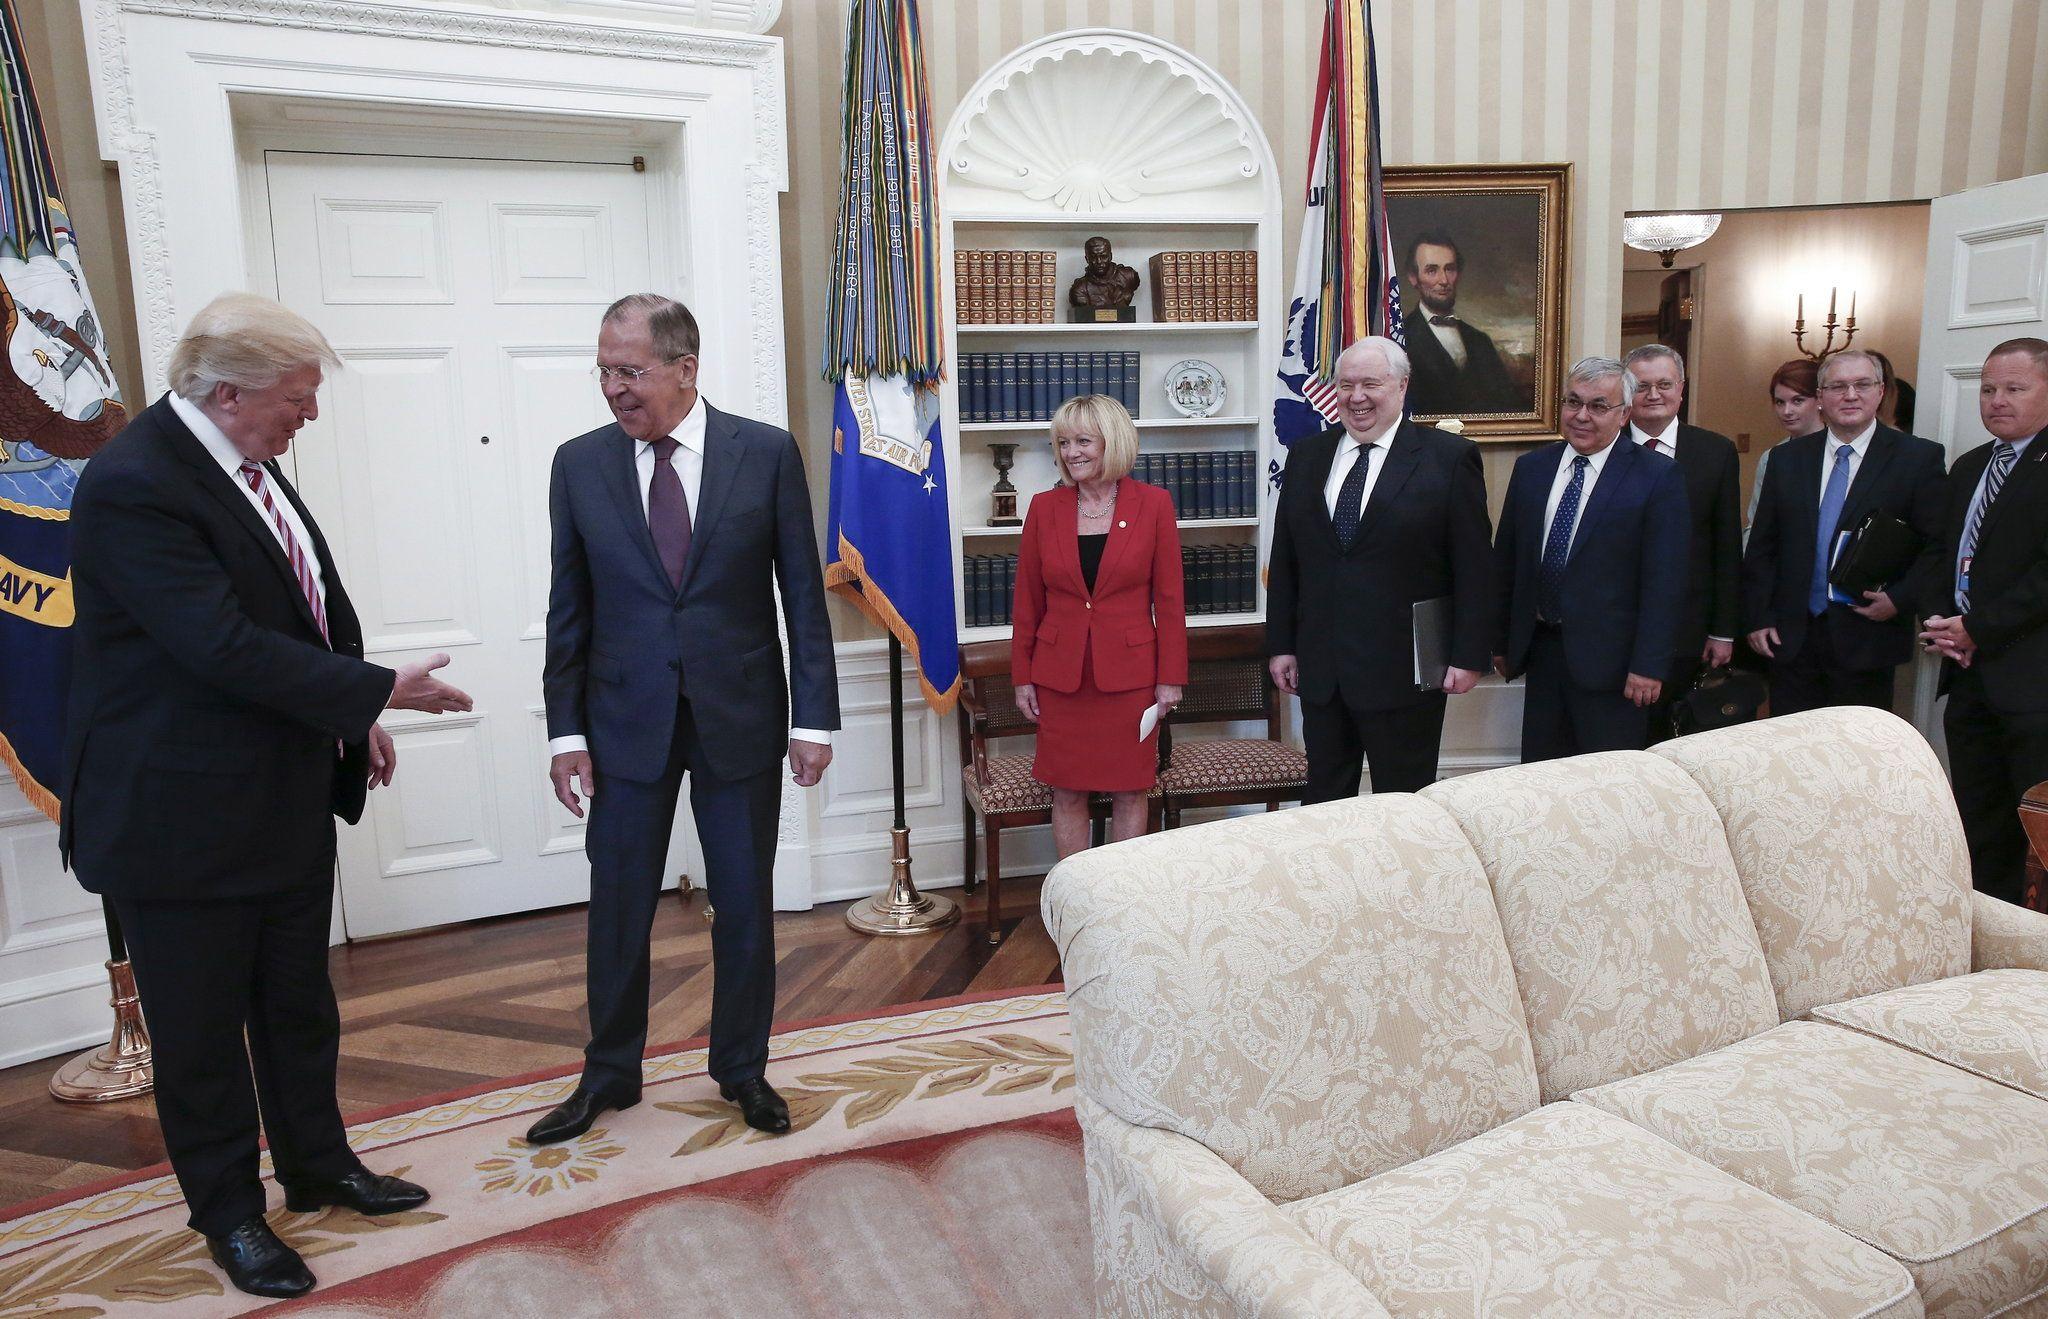 Не валяй дурака, Америка... Зустріч Трампа і Путіна у ФОТОжабах - Цензор.НЕТ 3786